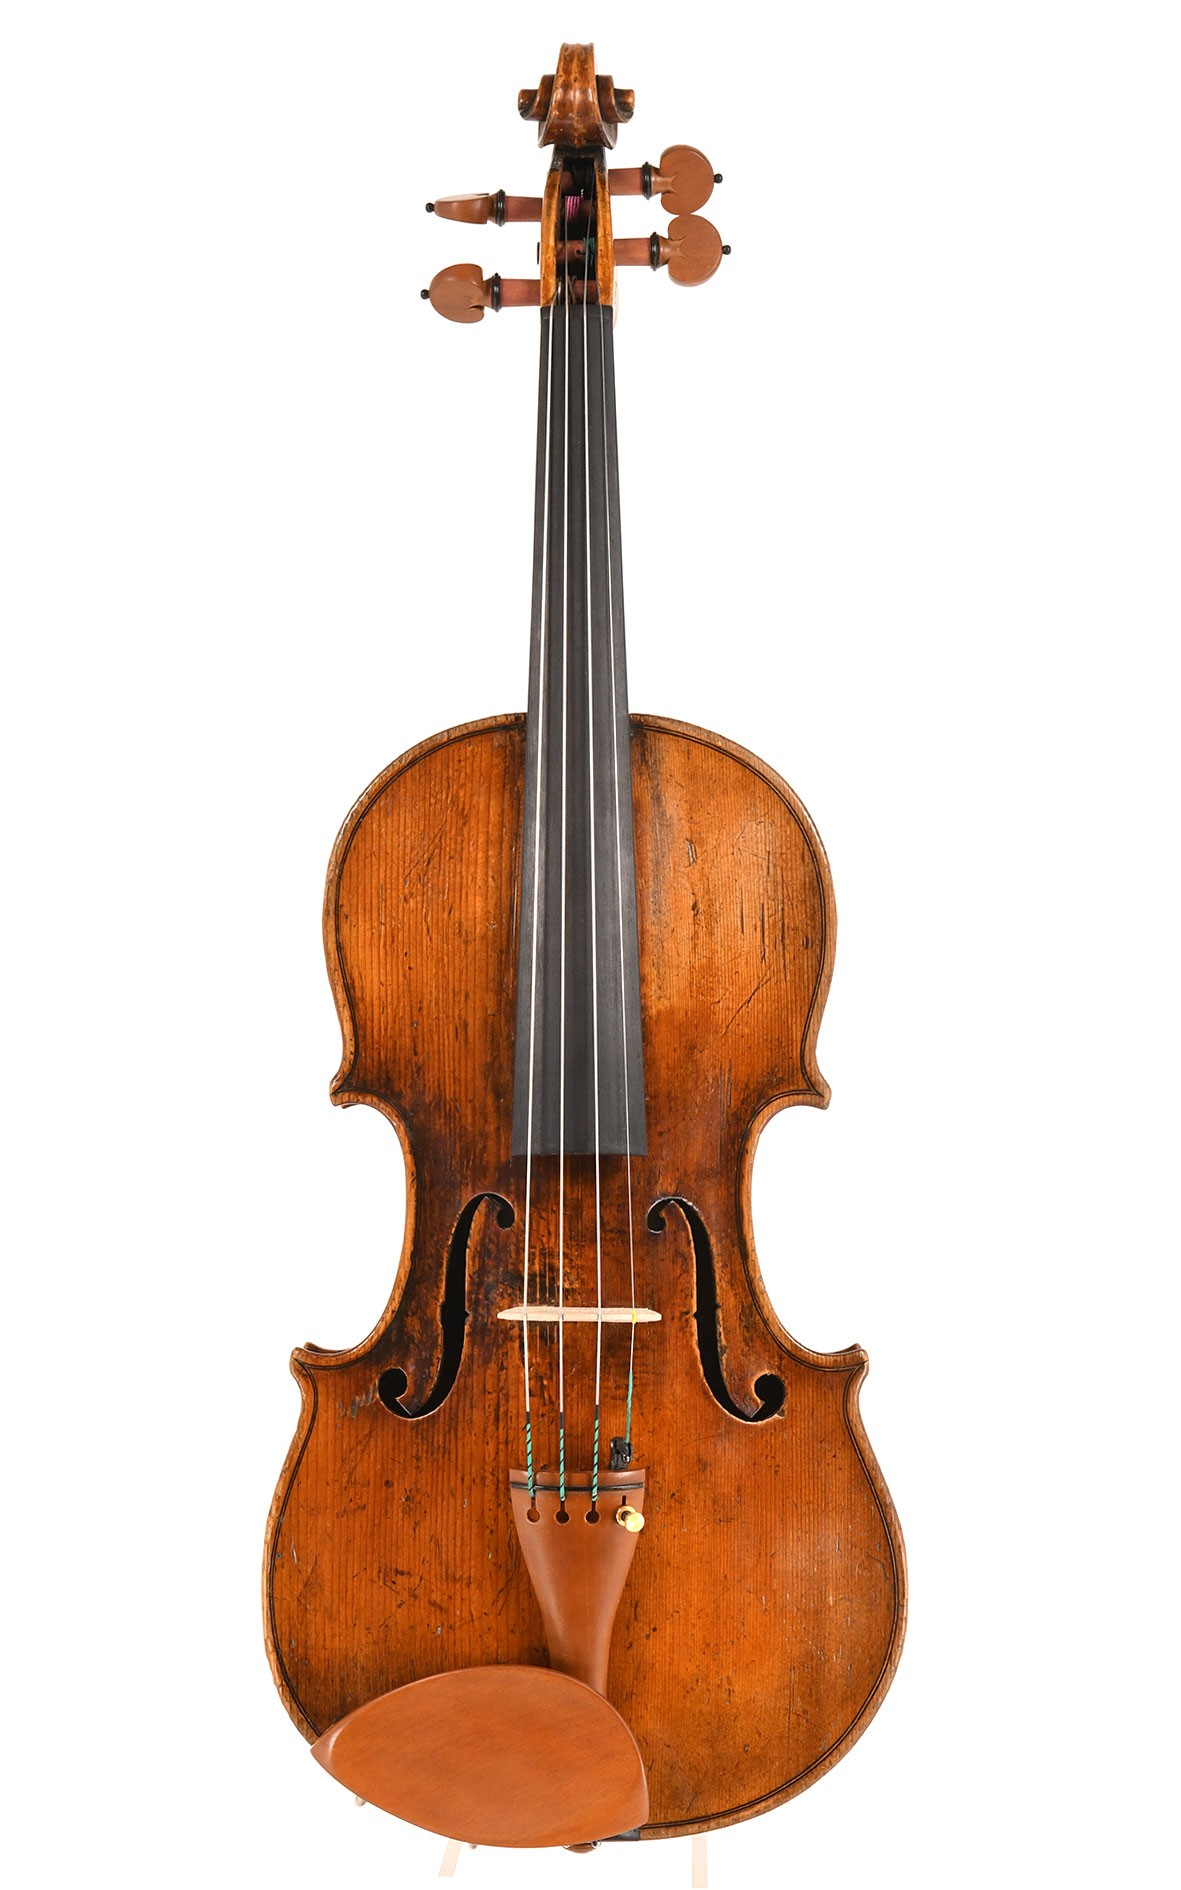 John Betts Schule/-Umfeld: Feine englische Geige um 1820